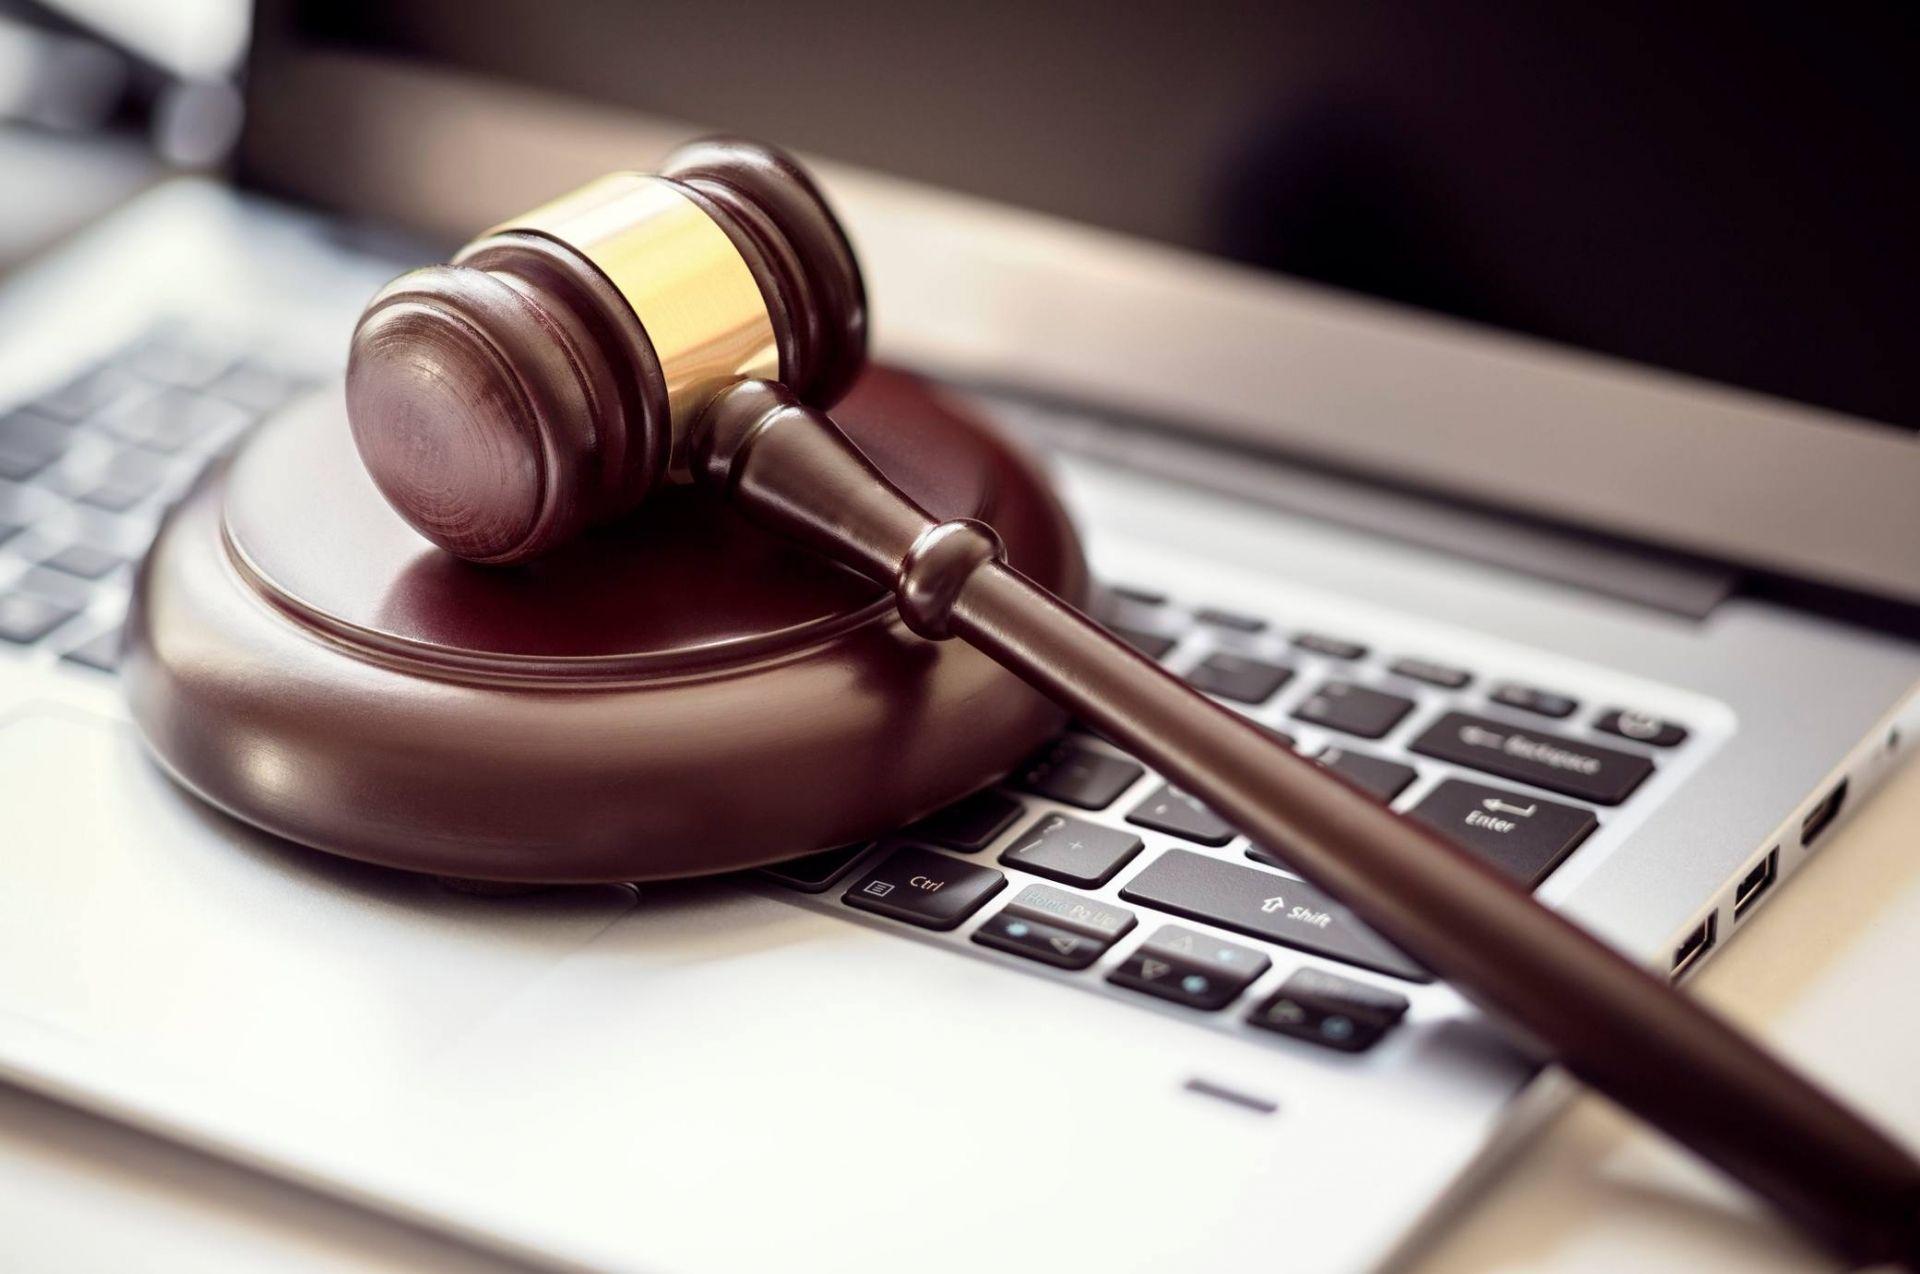 La figura del Perito Judicial Informático